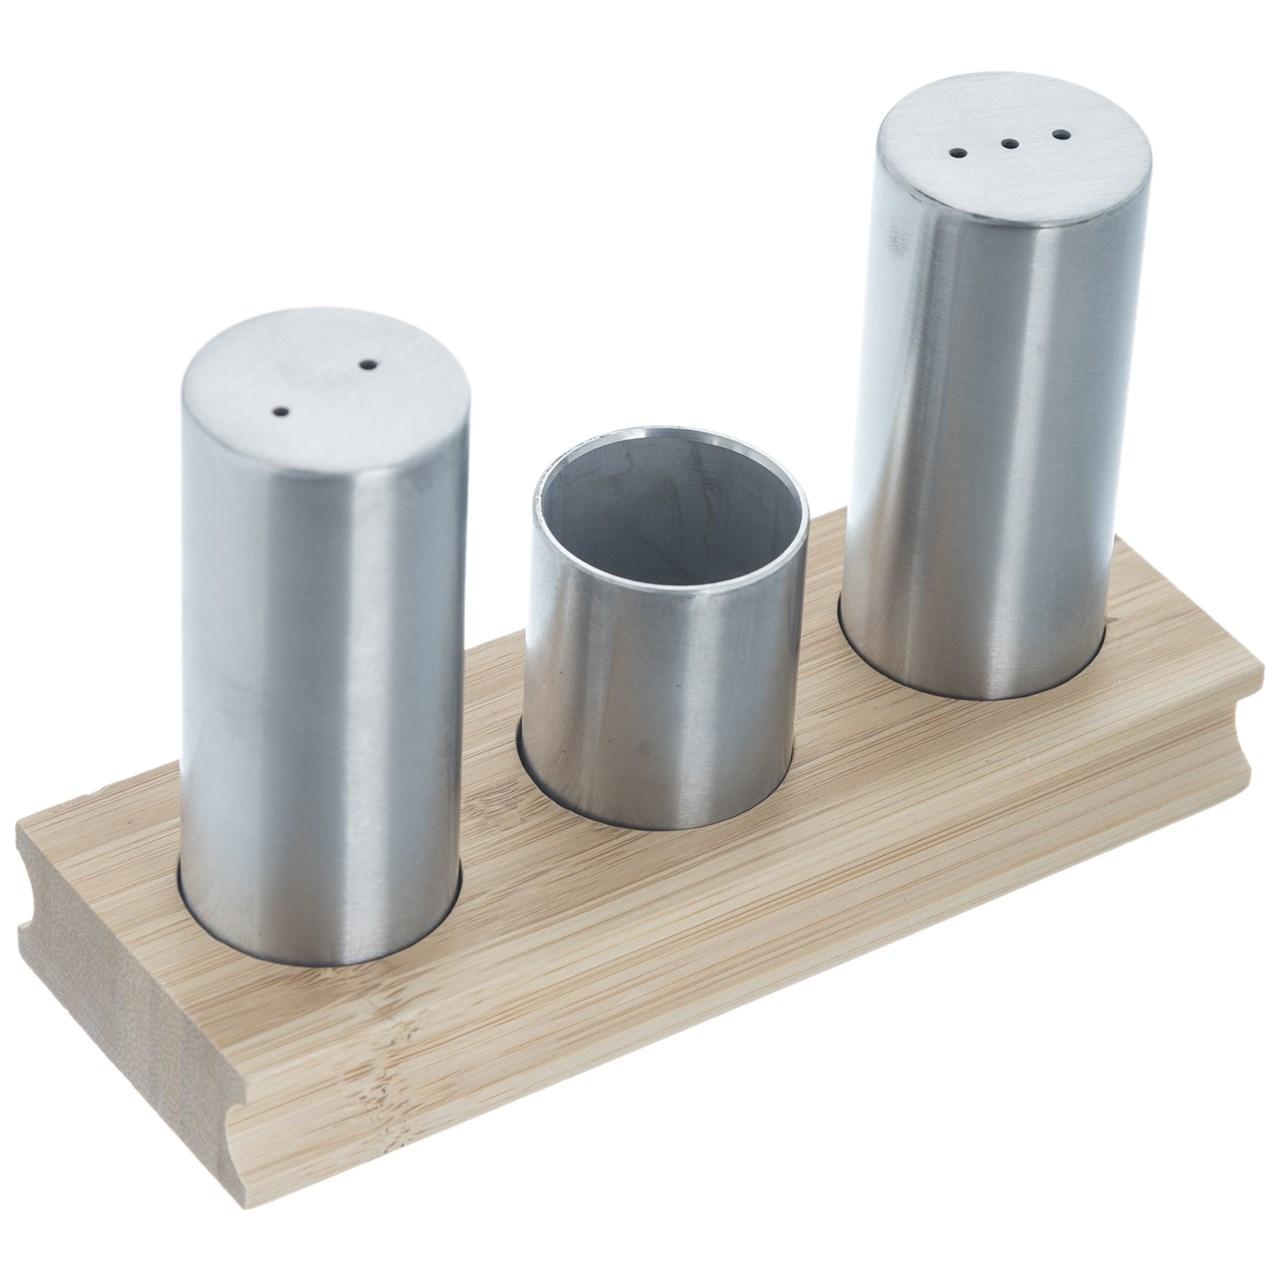 ست نمک و فلفل پاش 4 پارچه بامبوم مدل BB0200